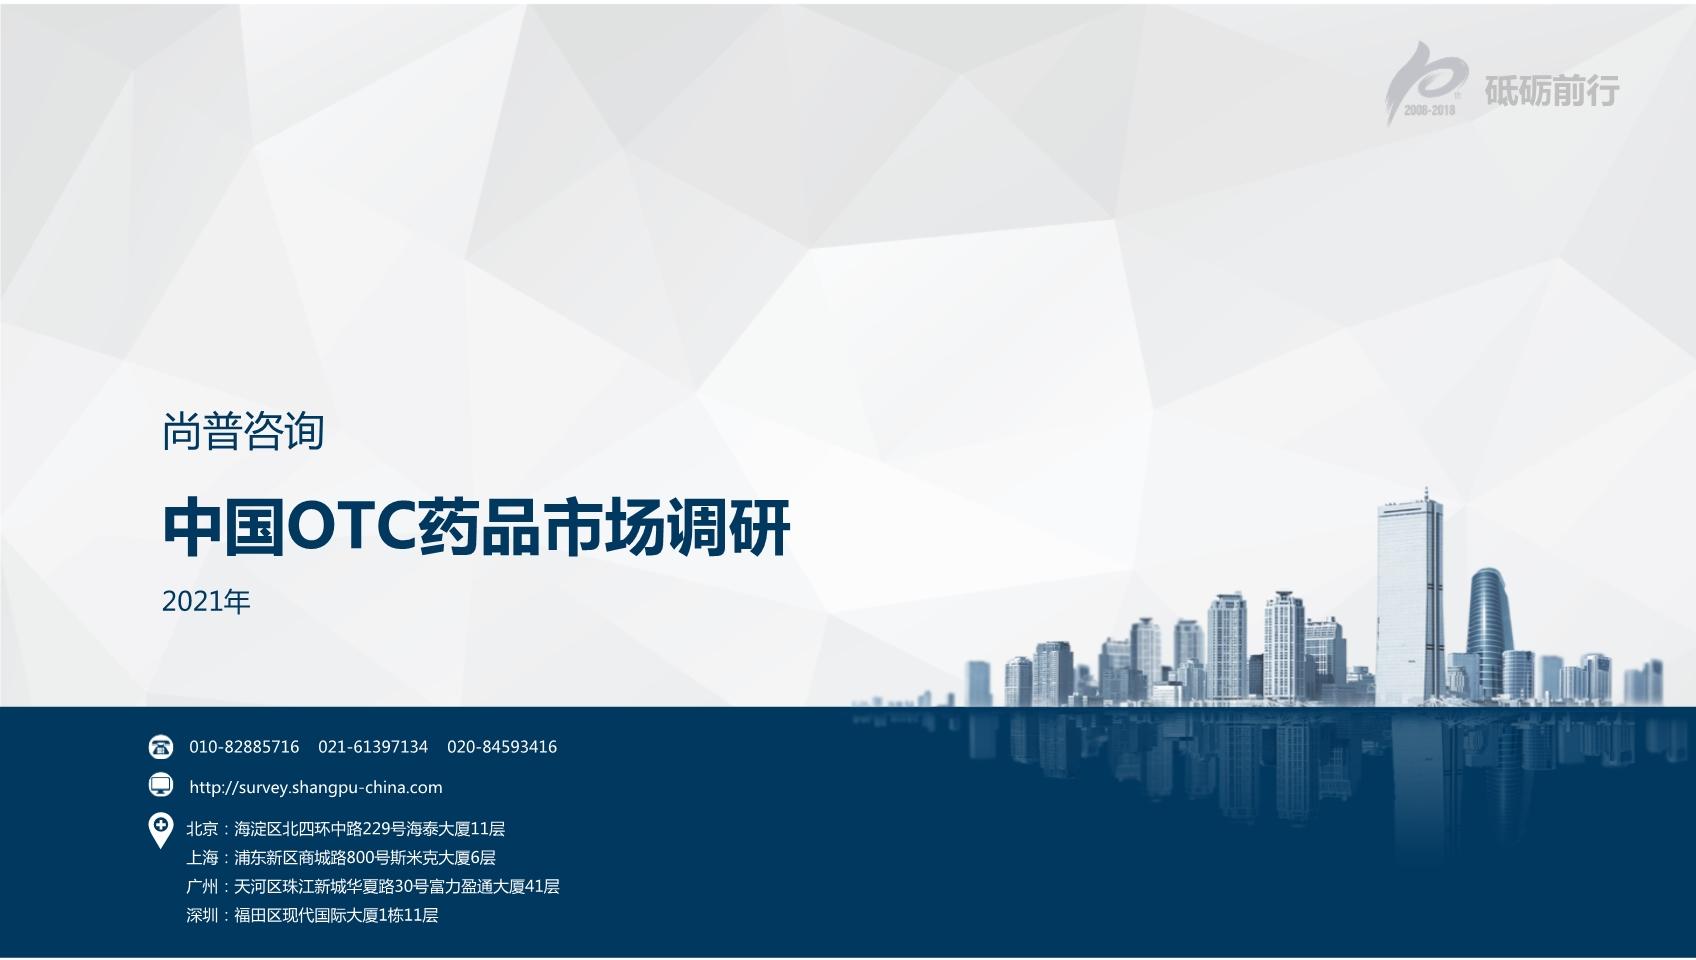 尚普咨询:2021年中国OTC药品市场调研